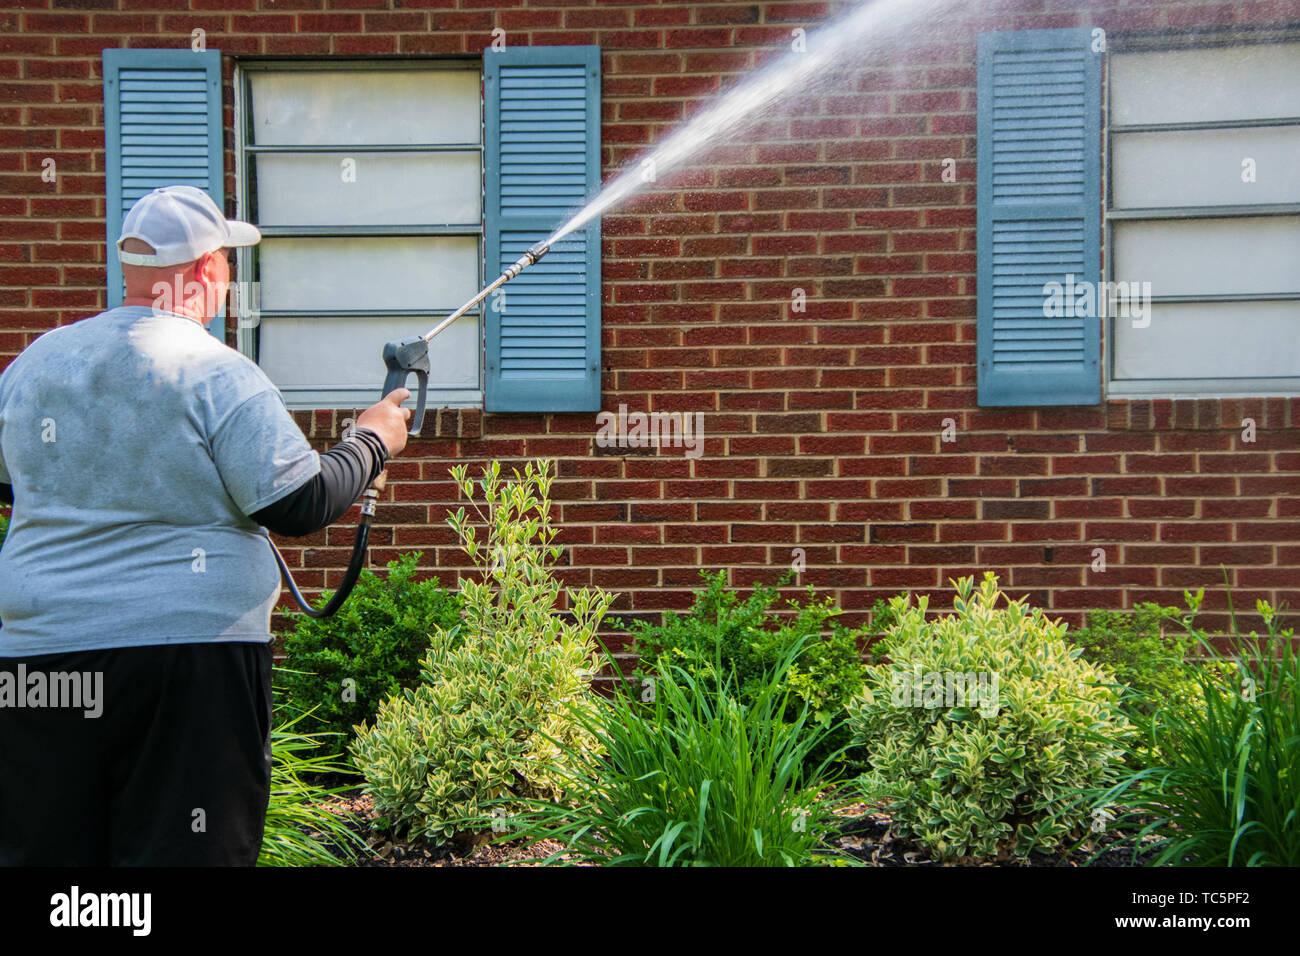 Pesado caucásica sobrepeso hombre rociado de agua desde una boquilla en los ladrillos y las persianas de una casa. Hay arbustos y plantas en frente de él. Sombras Imagen De Stock